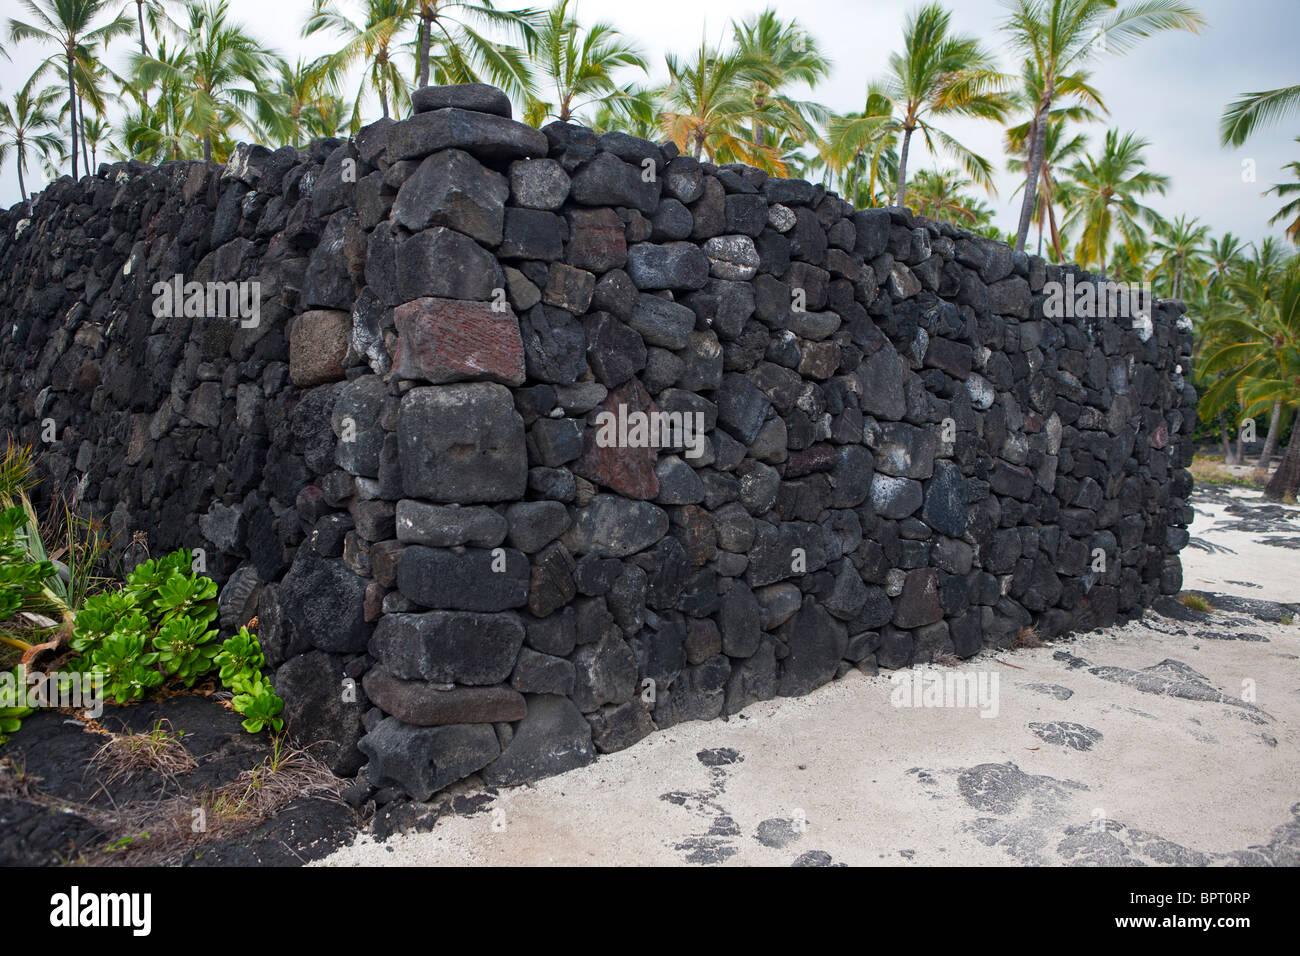 Lava rock wall, Pu'uhonua o Honaunau National Historical ...